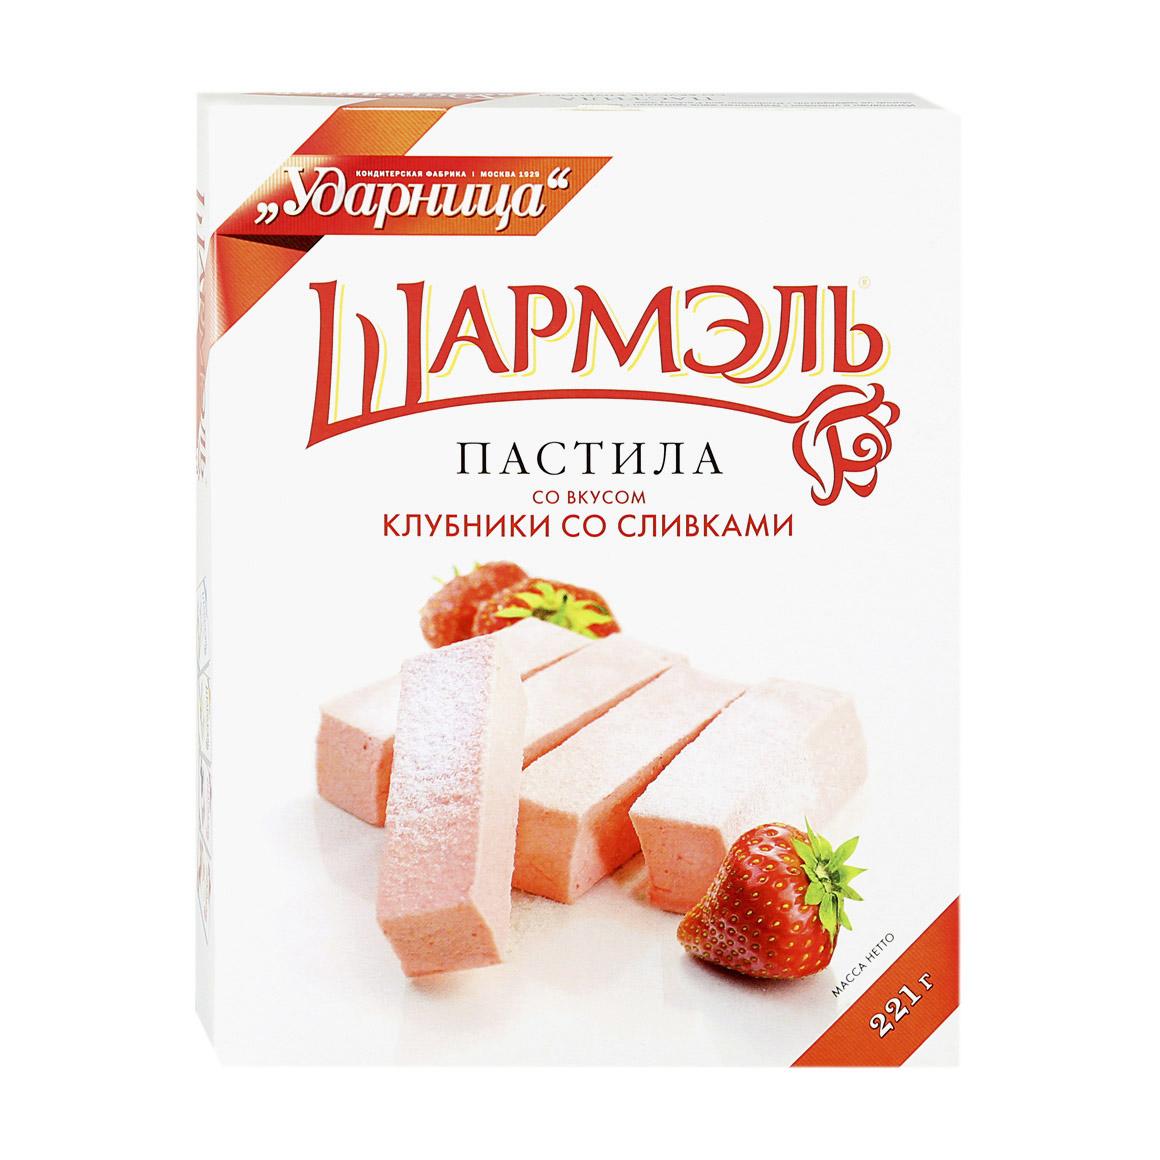 Пастила Шармэль со вкусом клубники сливками 221 г